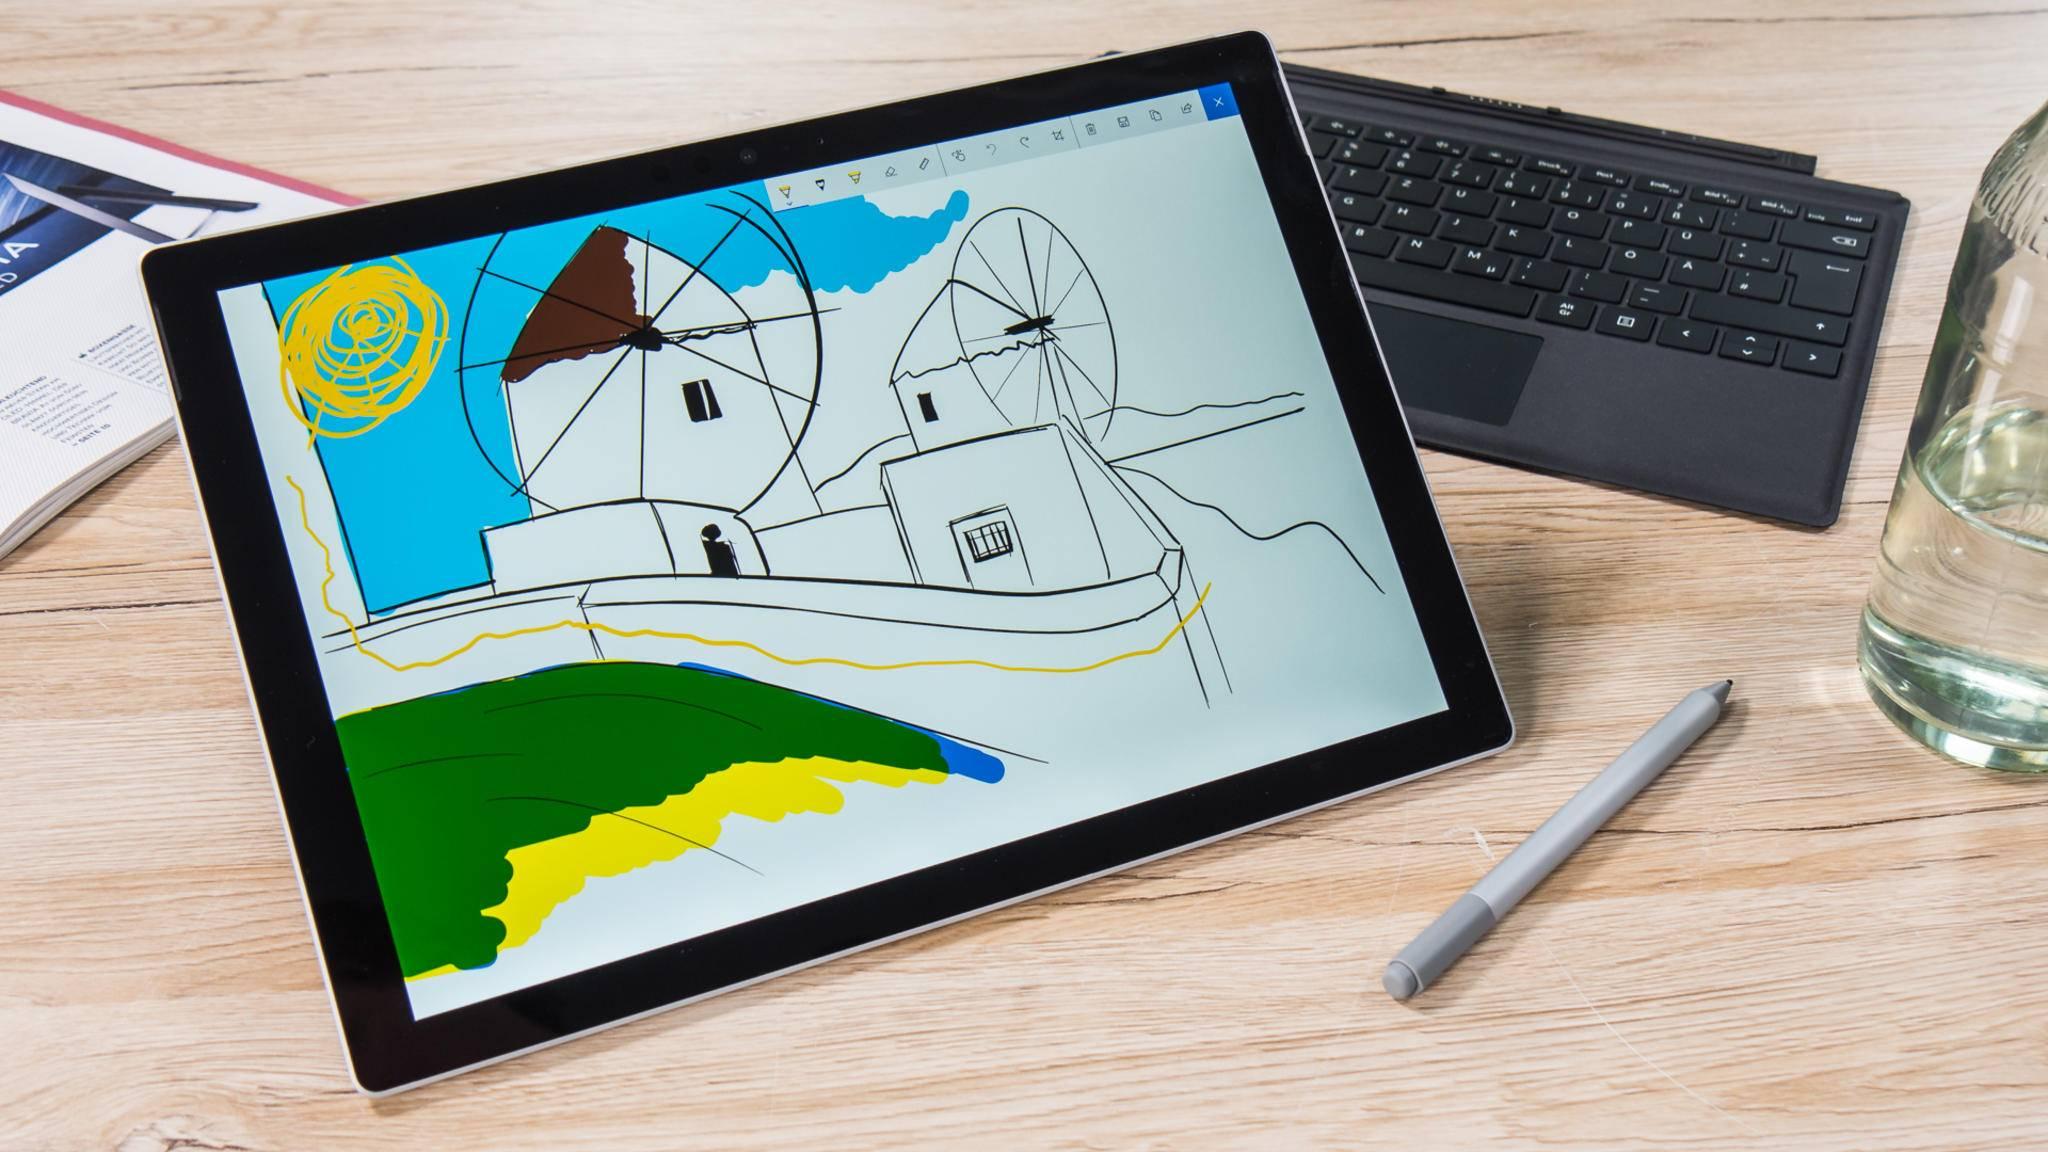 Die neuen Surface-Pro-Tablets sollen alle ein LTE-Modem bieten.